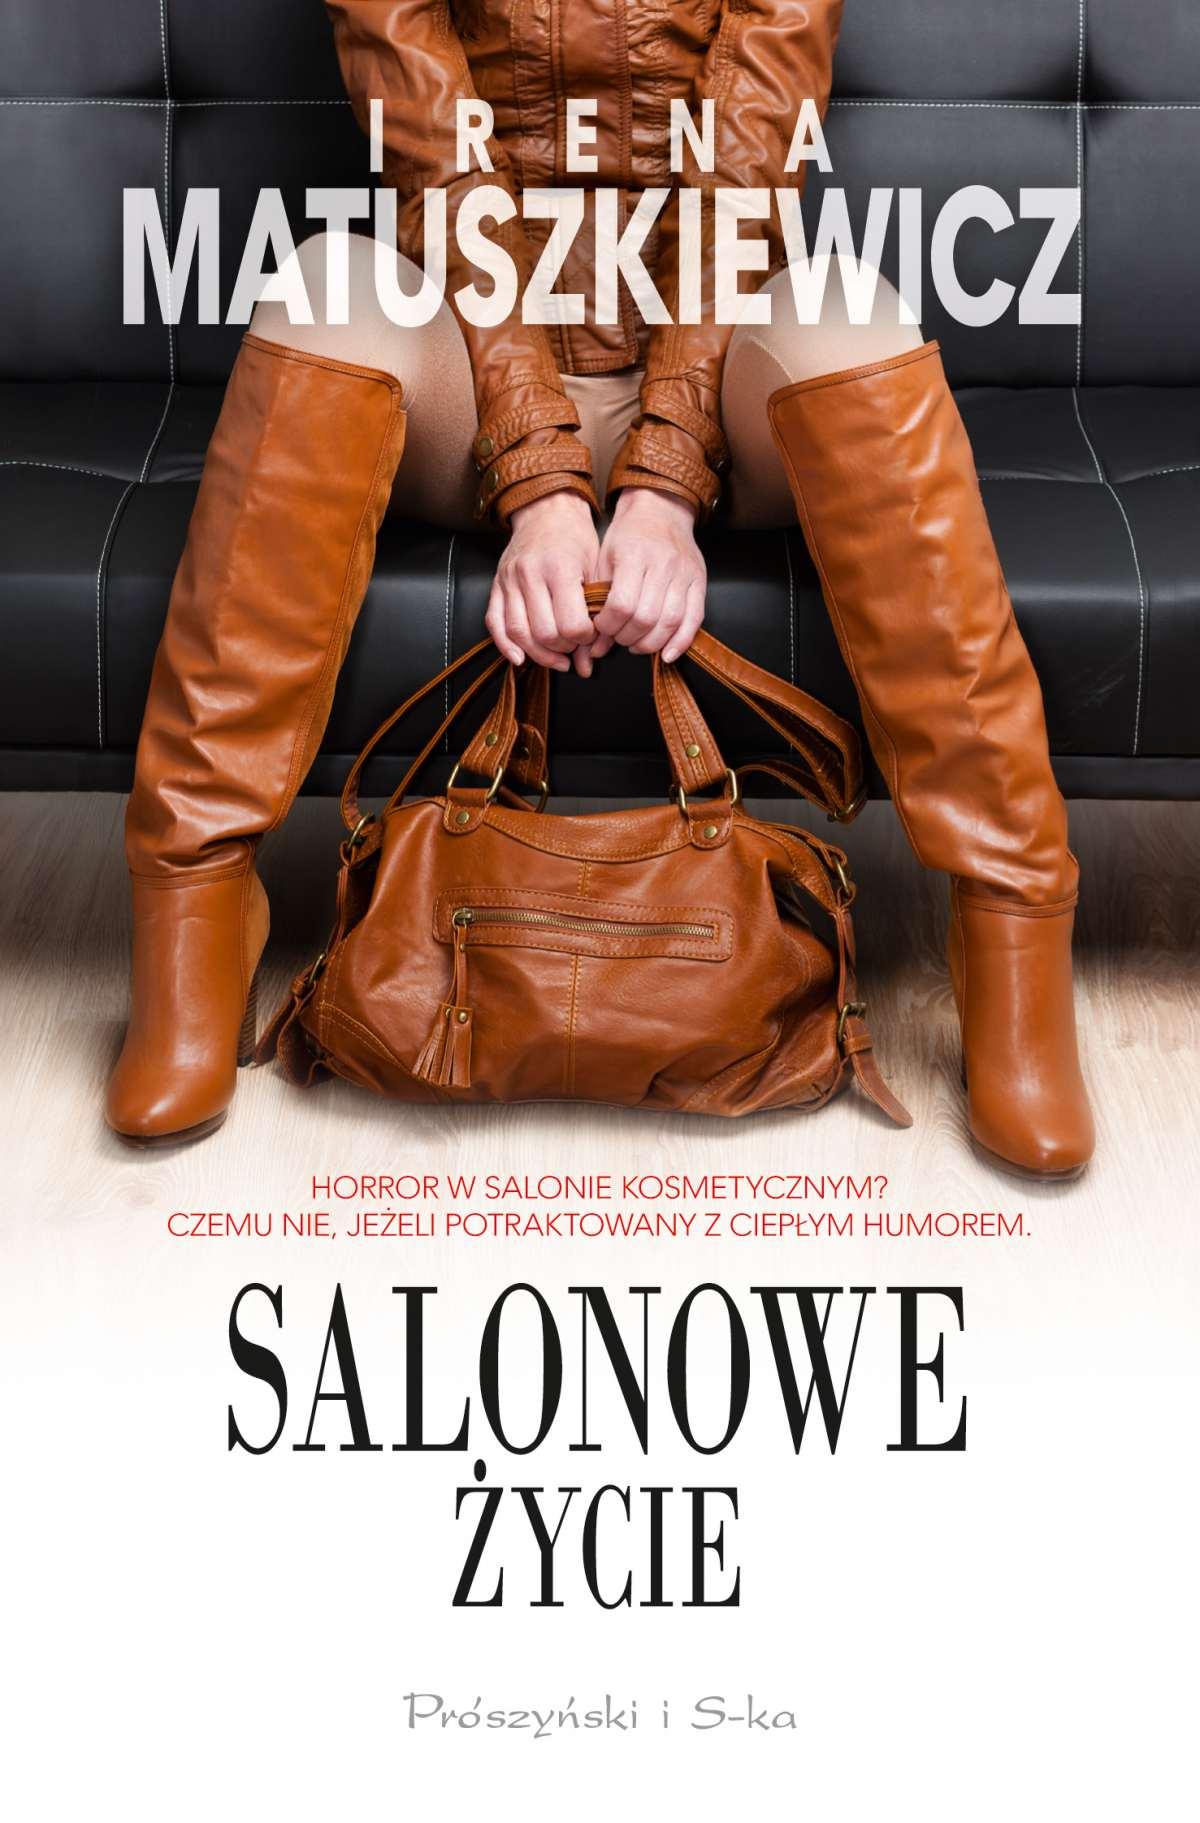 Salonowe życie - Ebook (Książka na Kindle) do pobrania w formacie MOBI